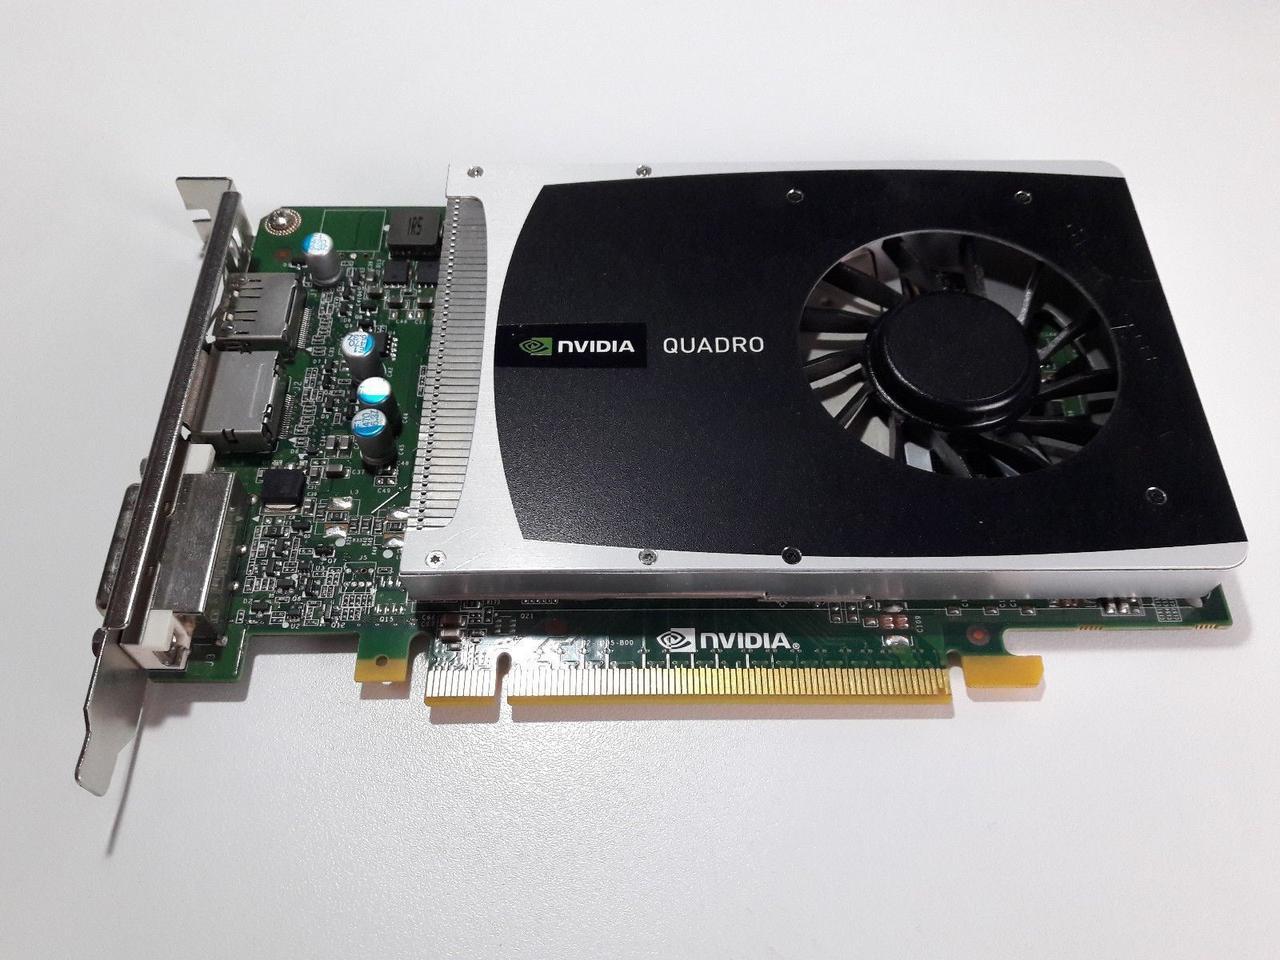 Видеокарта Nvidia Quadro 2000, 1024МБ GDDR5 (128бит)